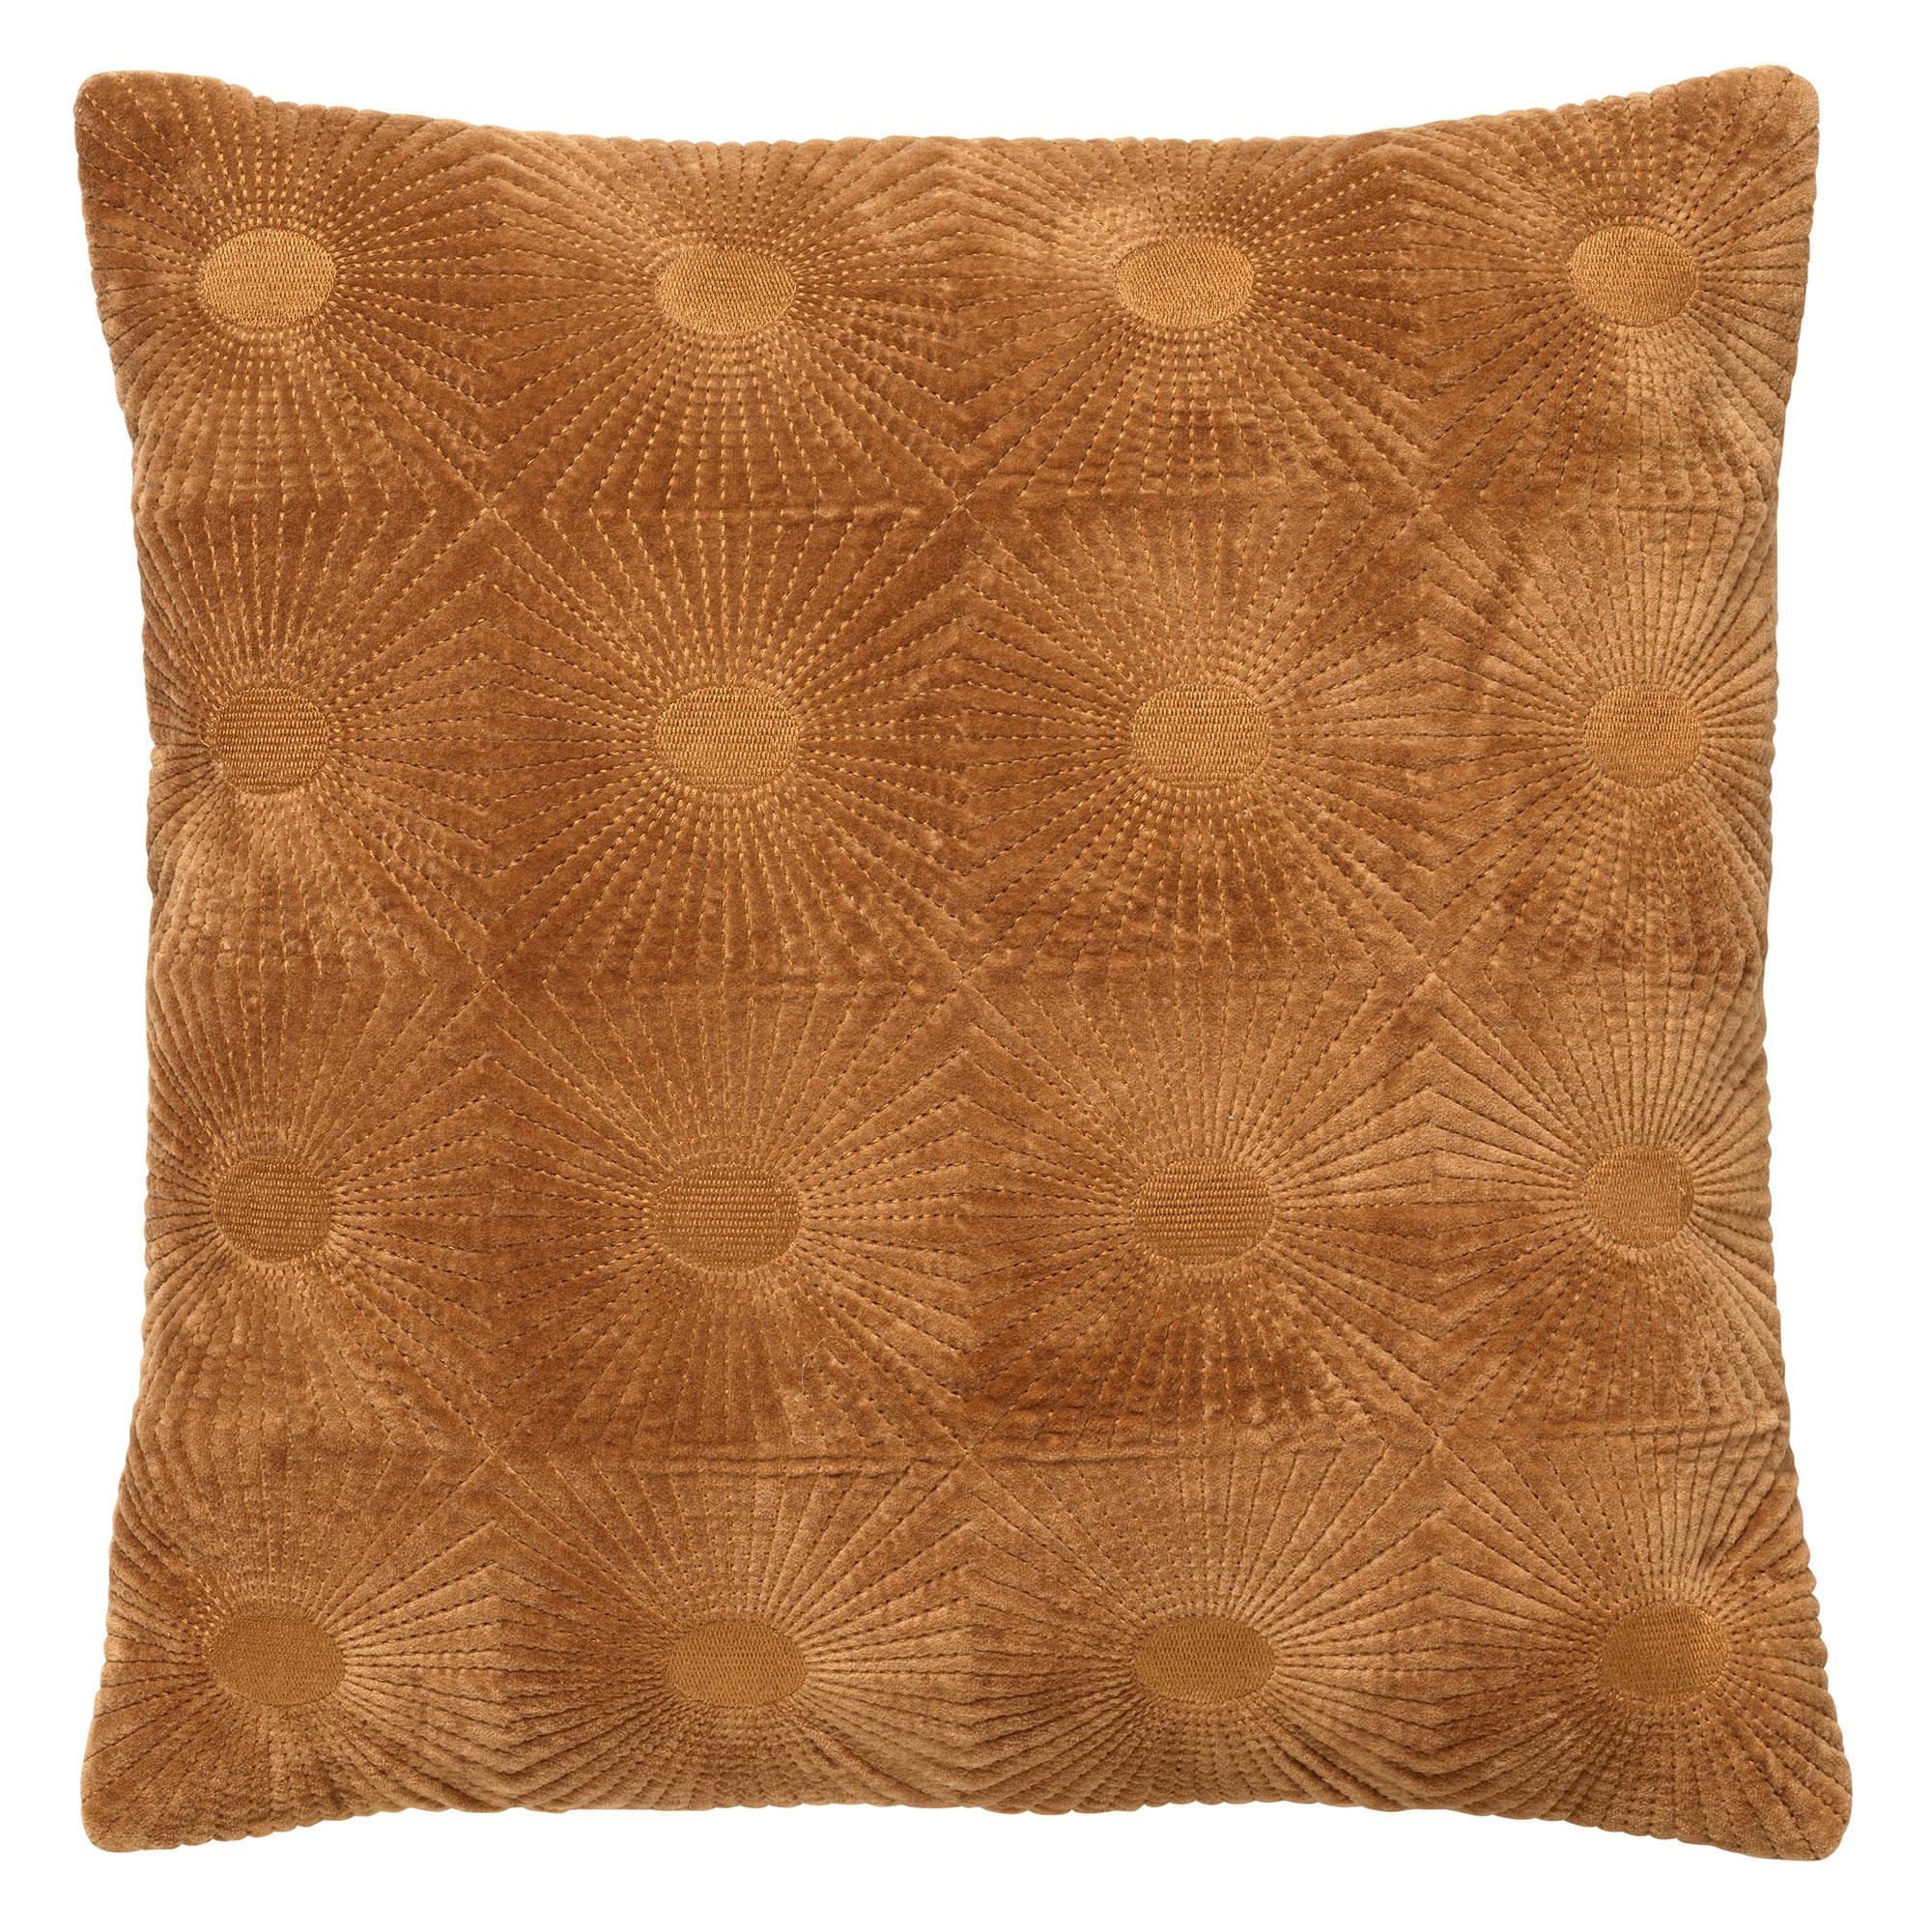 SUN - Kussenhoes van katoen 45x45 cm Tobacco Brown